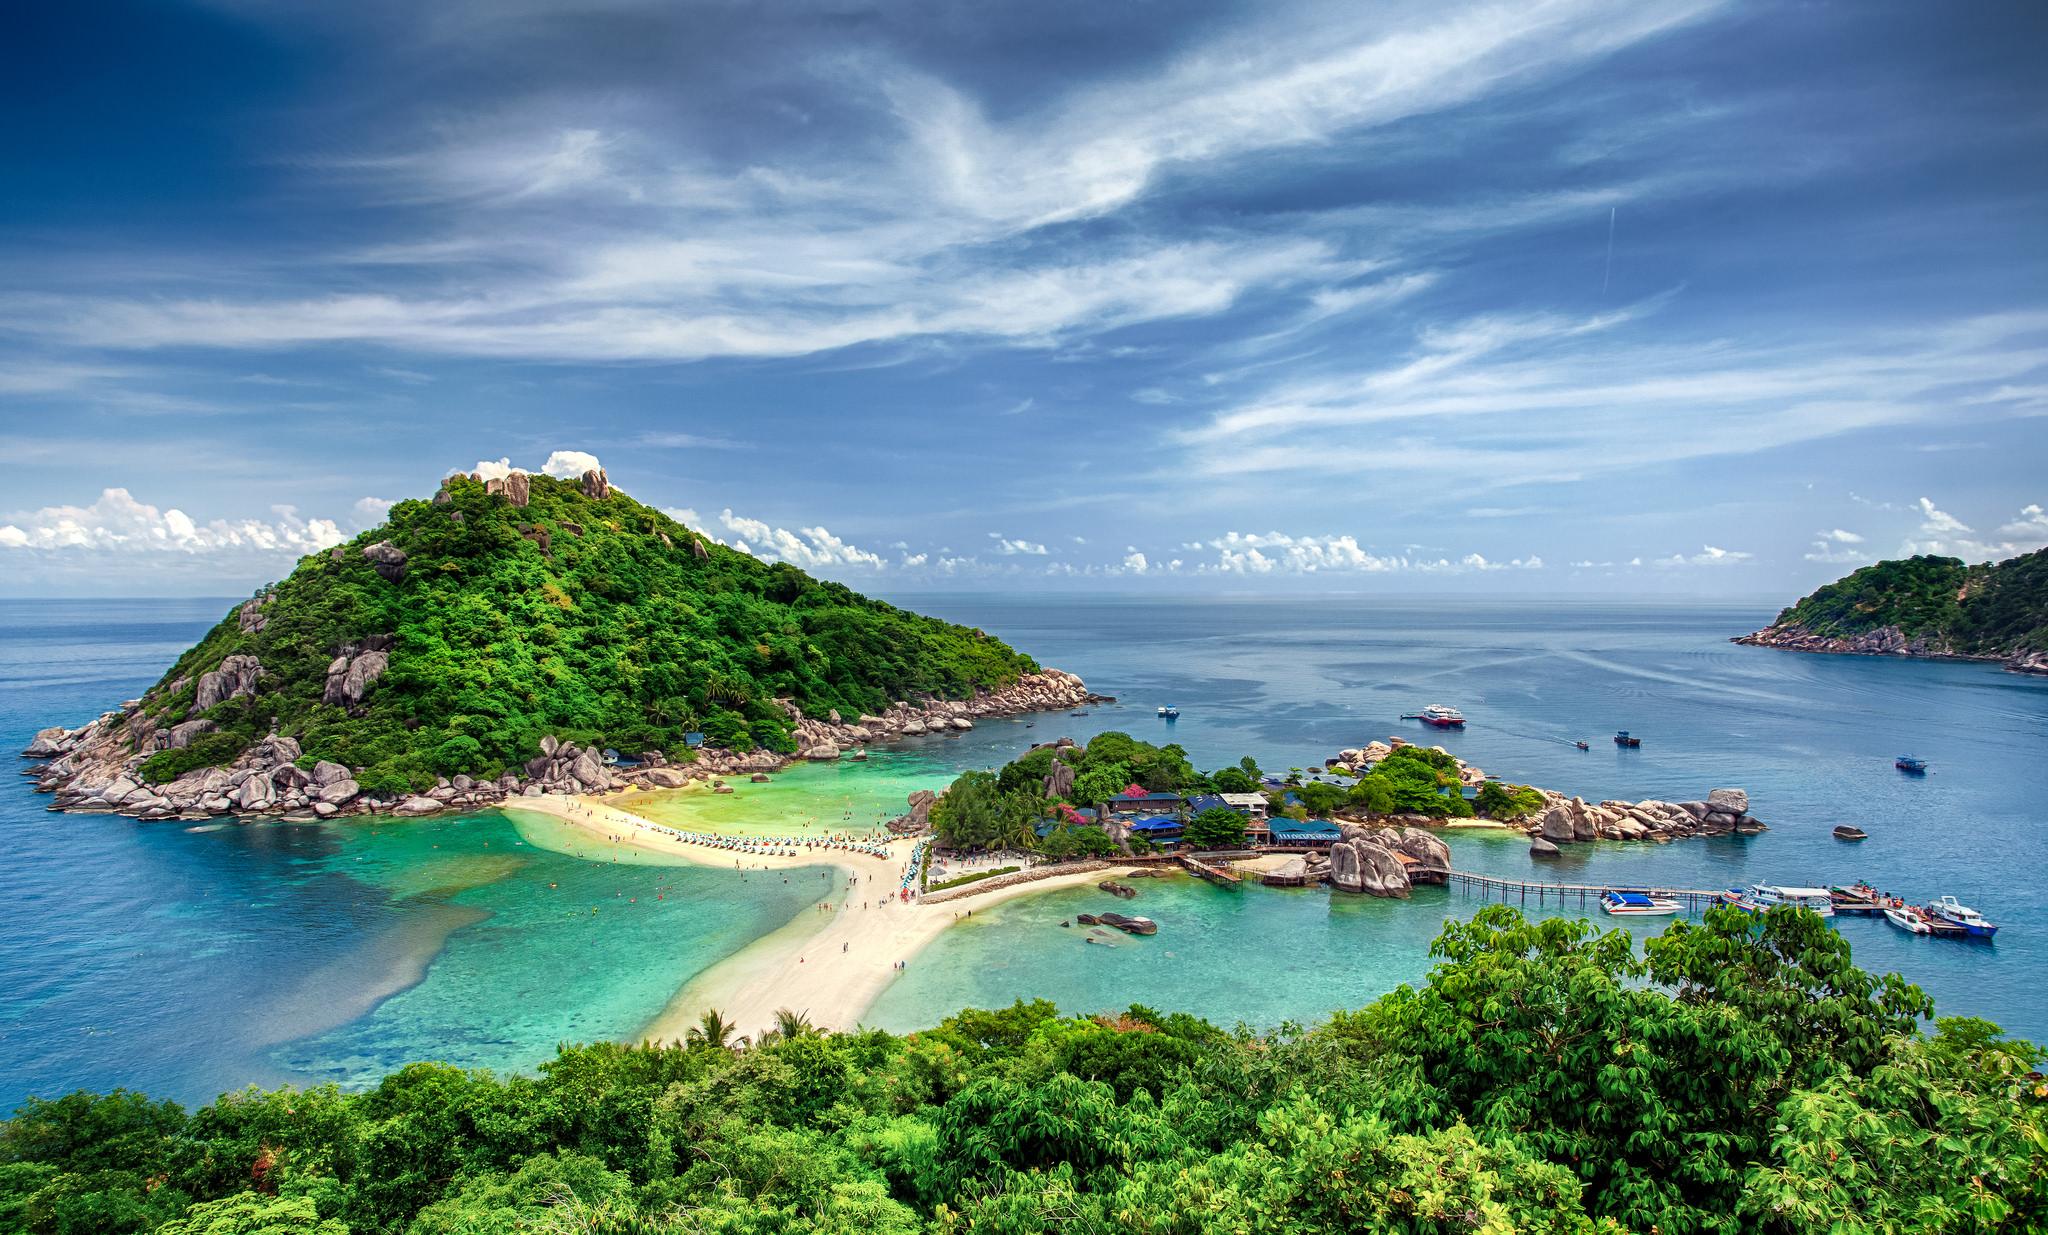 Daily Snorkeling Trip at Koh Nangyuan & Koh Tao